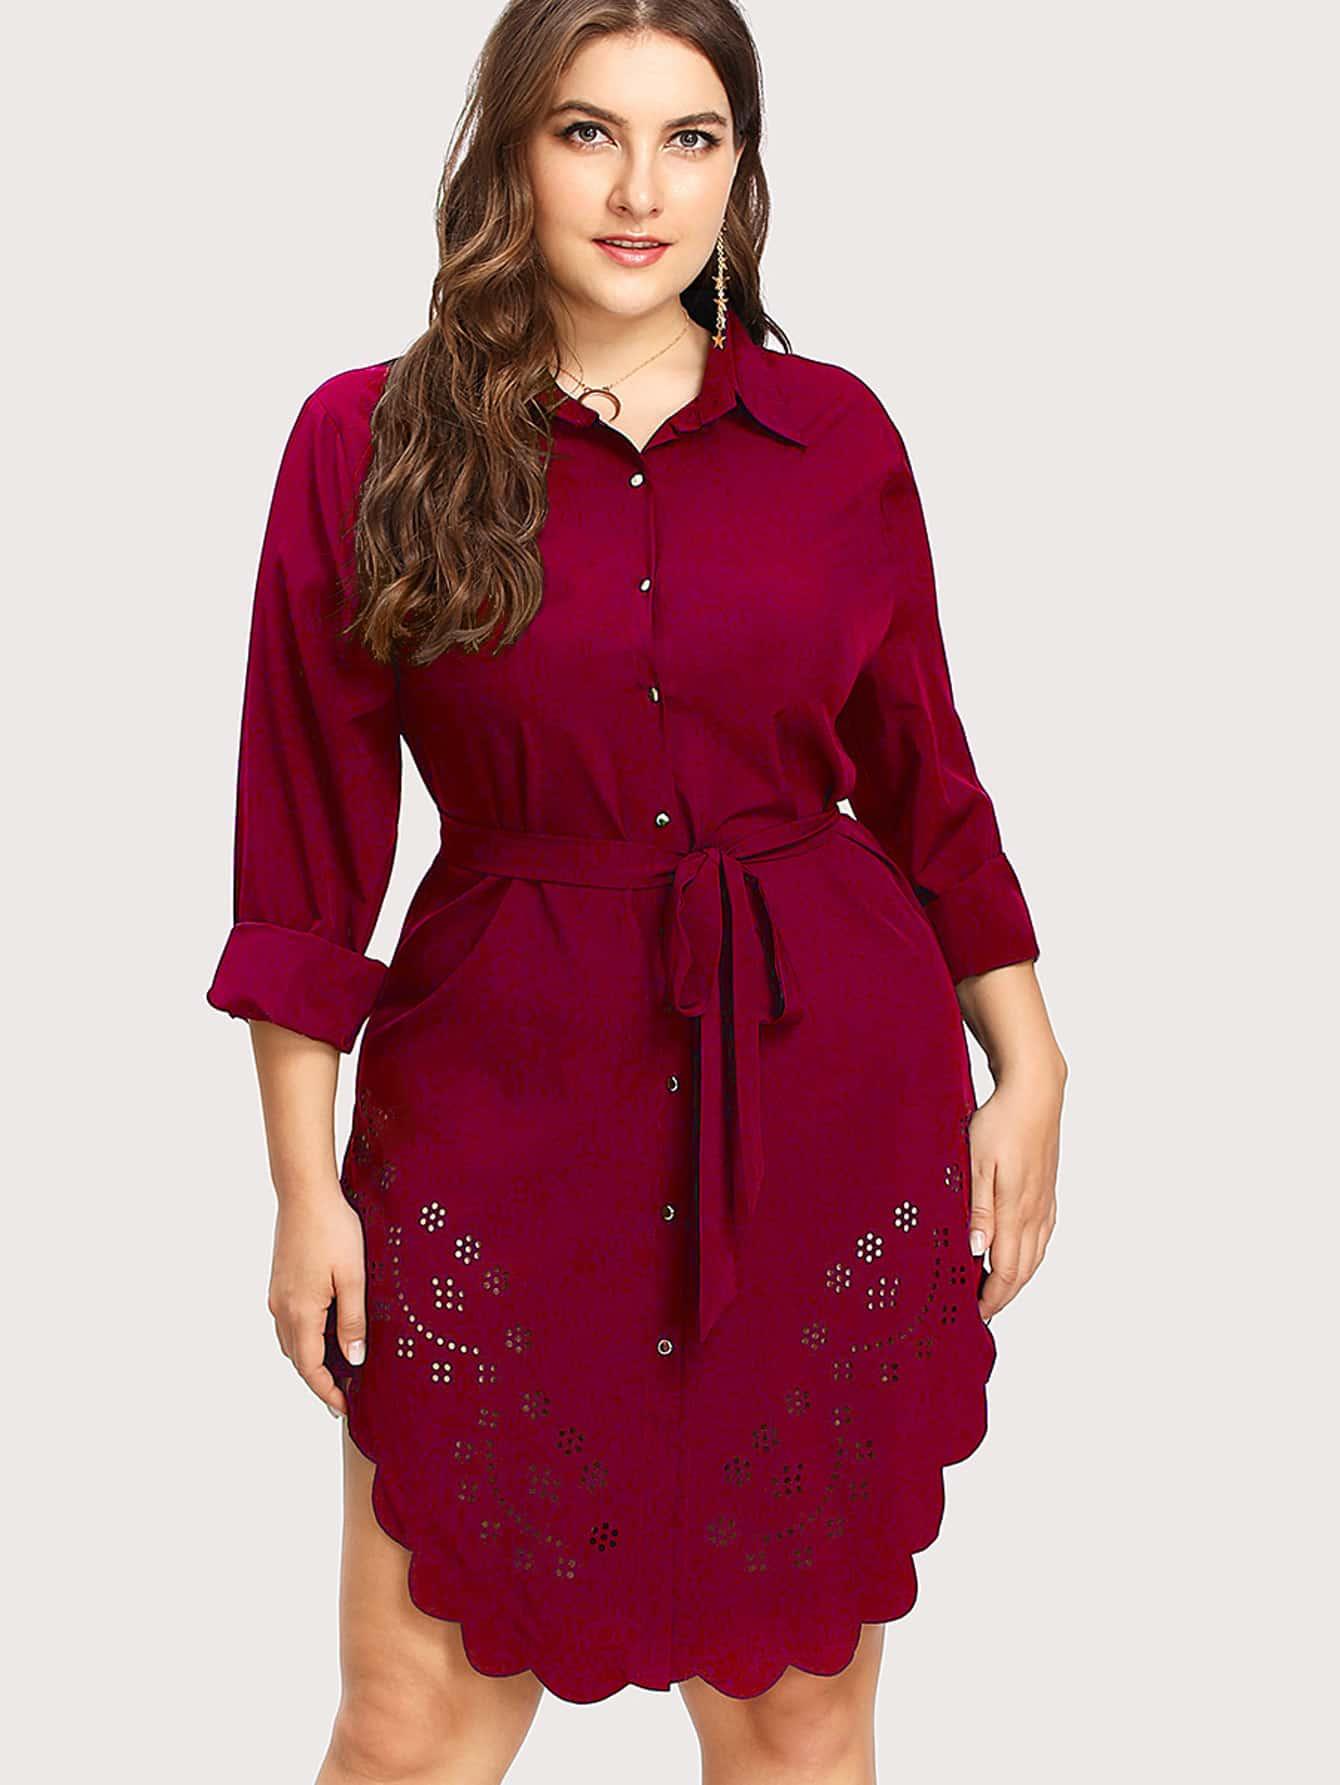 Laser Cut Out Scallop Hem Shirt Dress scallop laser cut form fitting dress